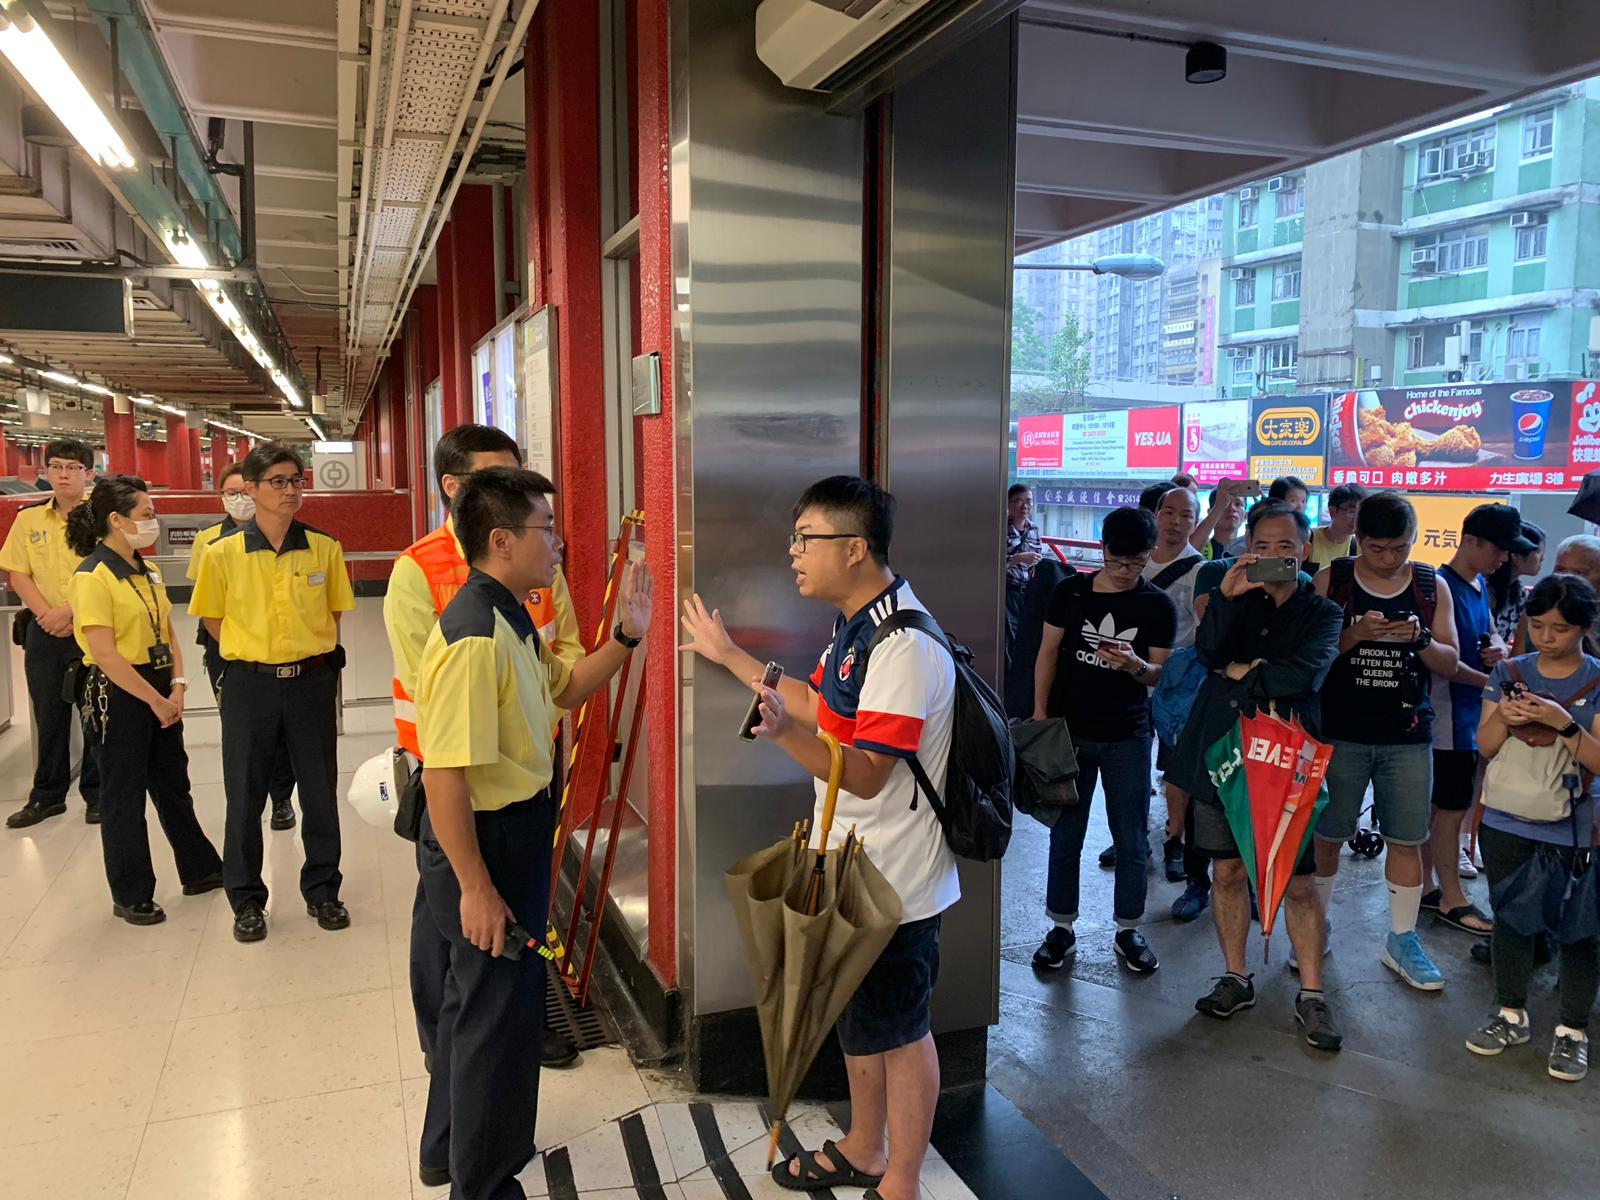 男子在鐵閘下與職員理論。